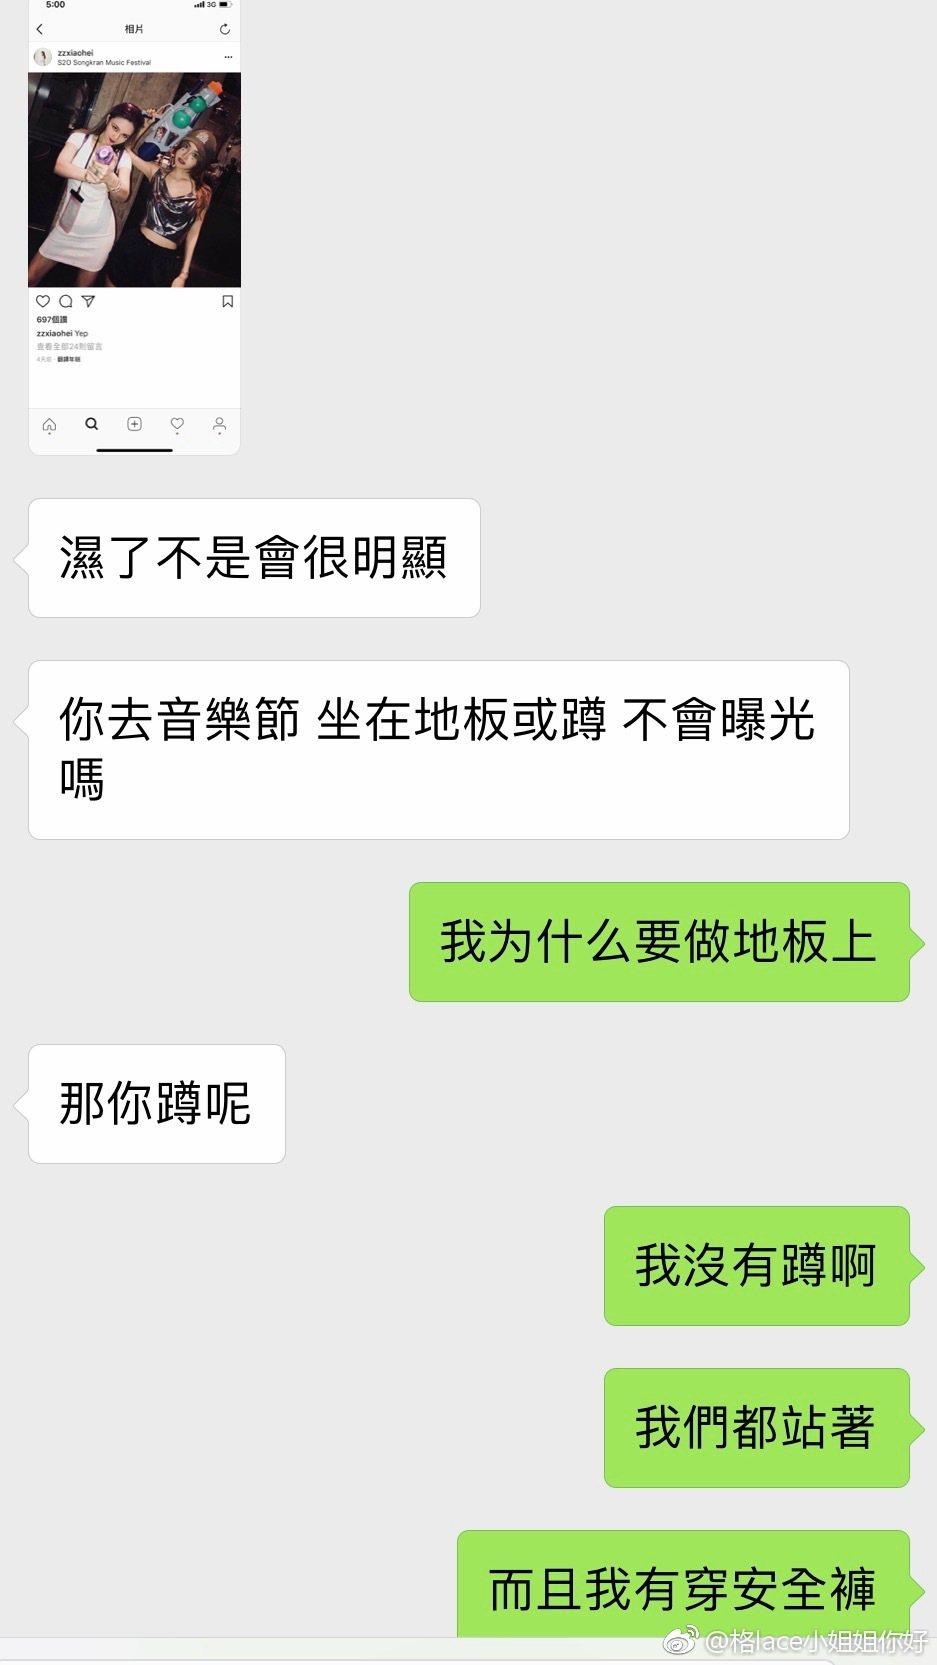 羅志祥很在意周揚青穿白色的衣服去參加潑水節活動。 圖/擷自微博